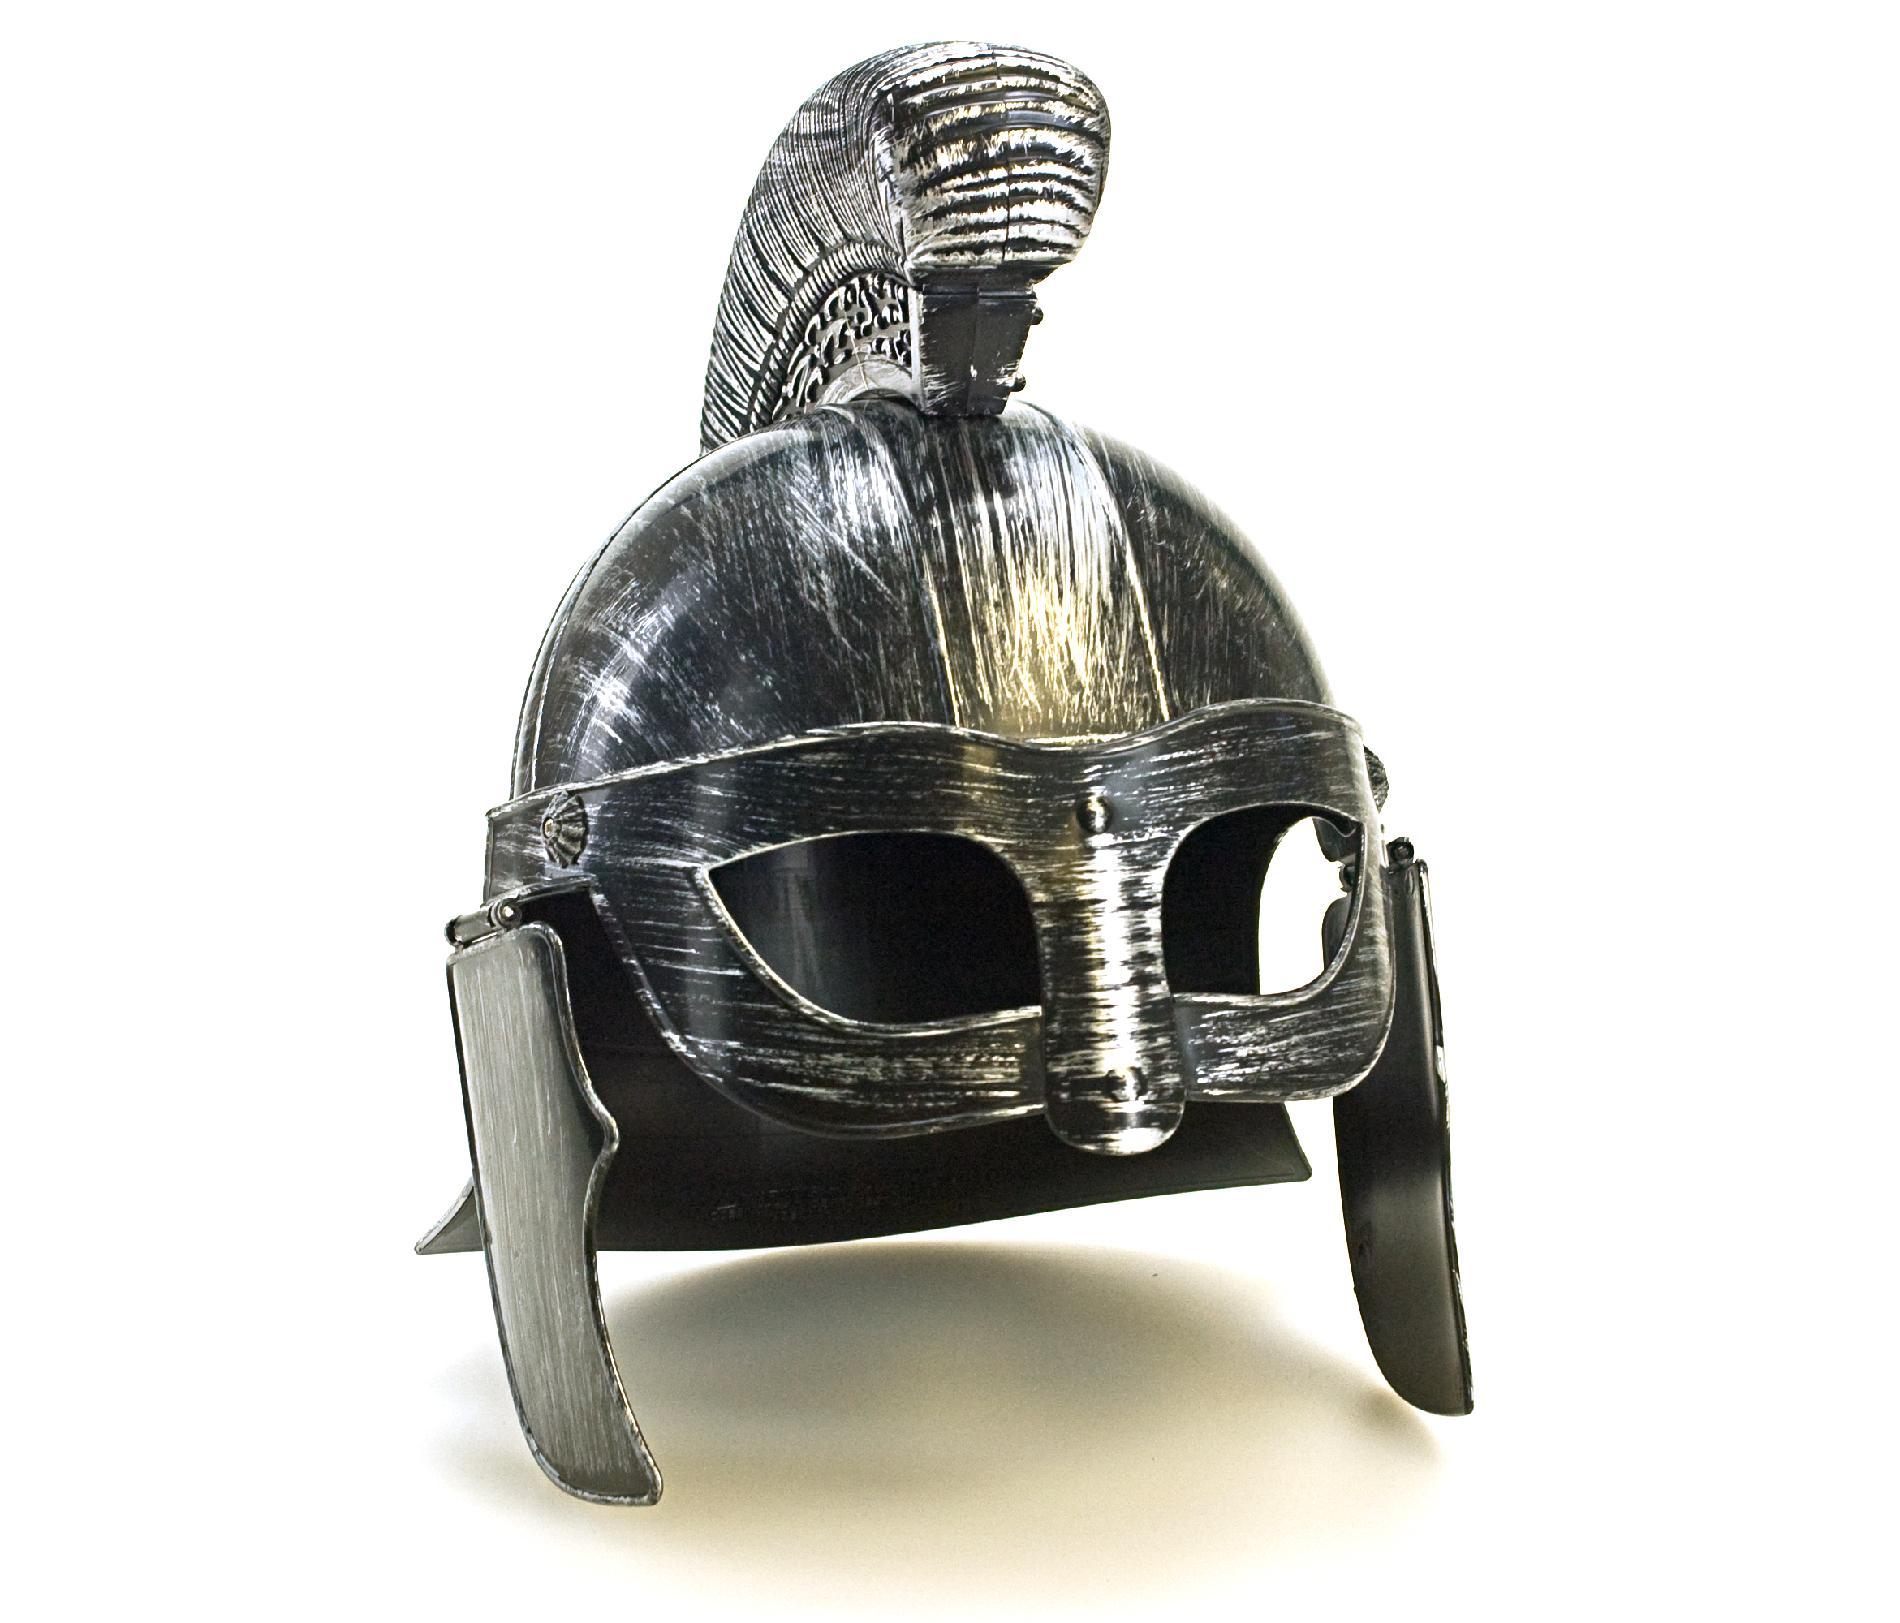 Gladiator Plastic Helmet